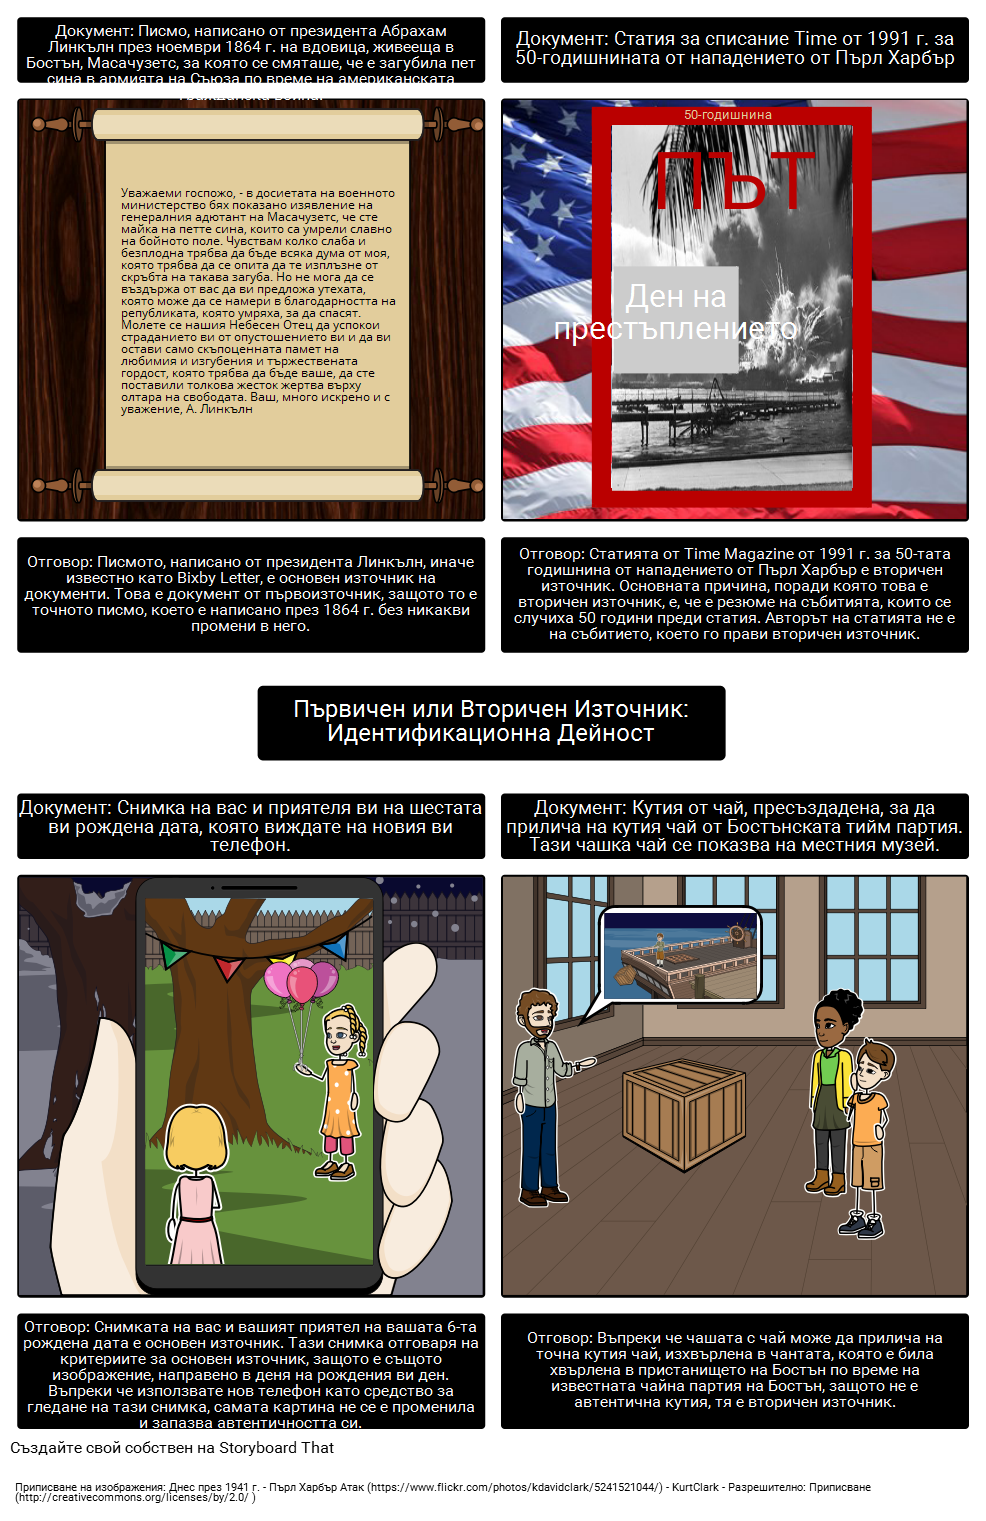 Първичен и Вторичен Източник: Идентификационна Дейност